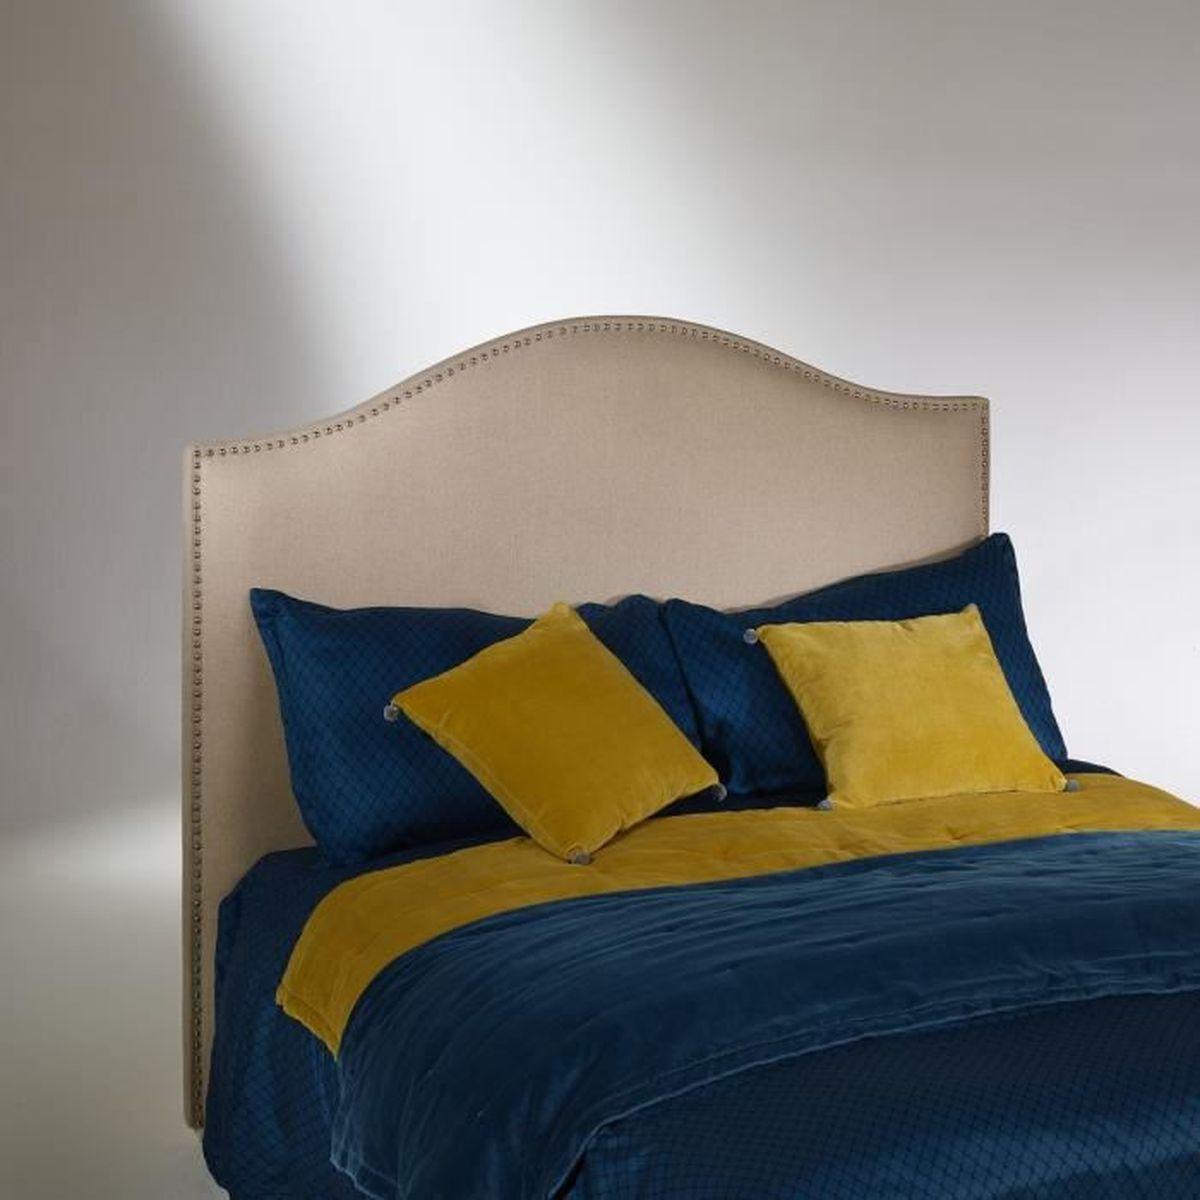 TÊTE DE LIT Tête de lit, pin, cloutée, APOLLINAIRE